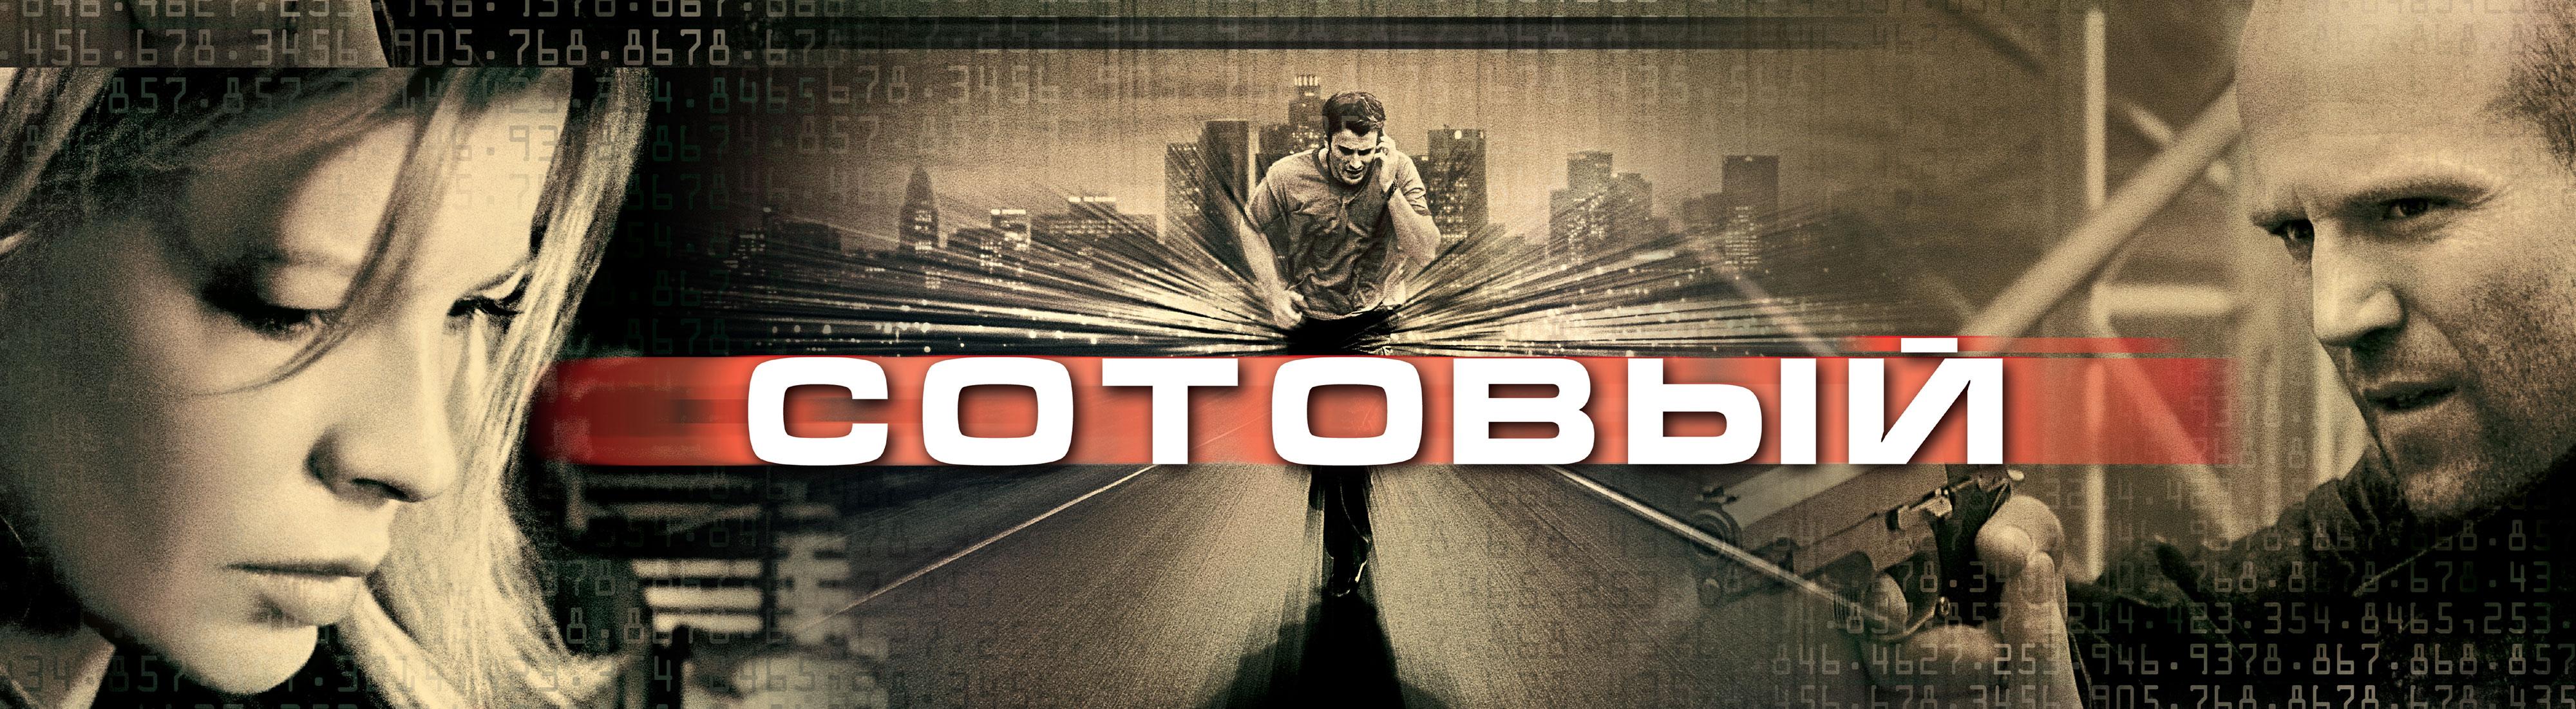 (диапазоны фильм онлайн на мобильный акций реальном